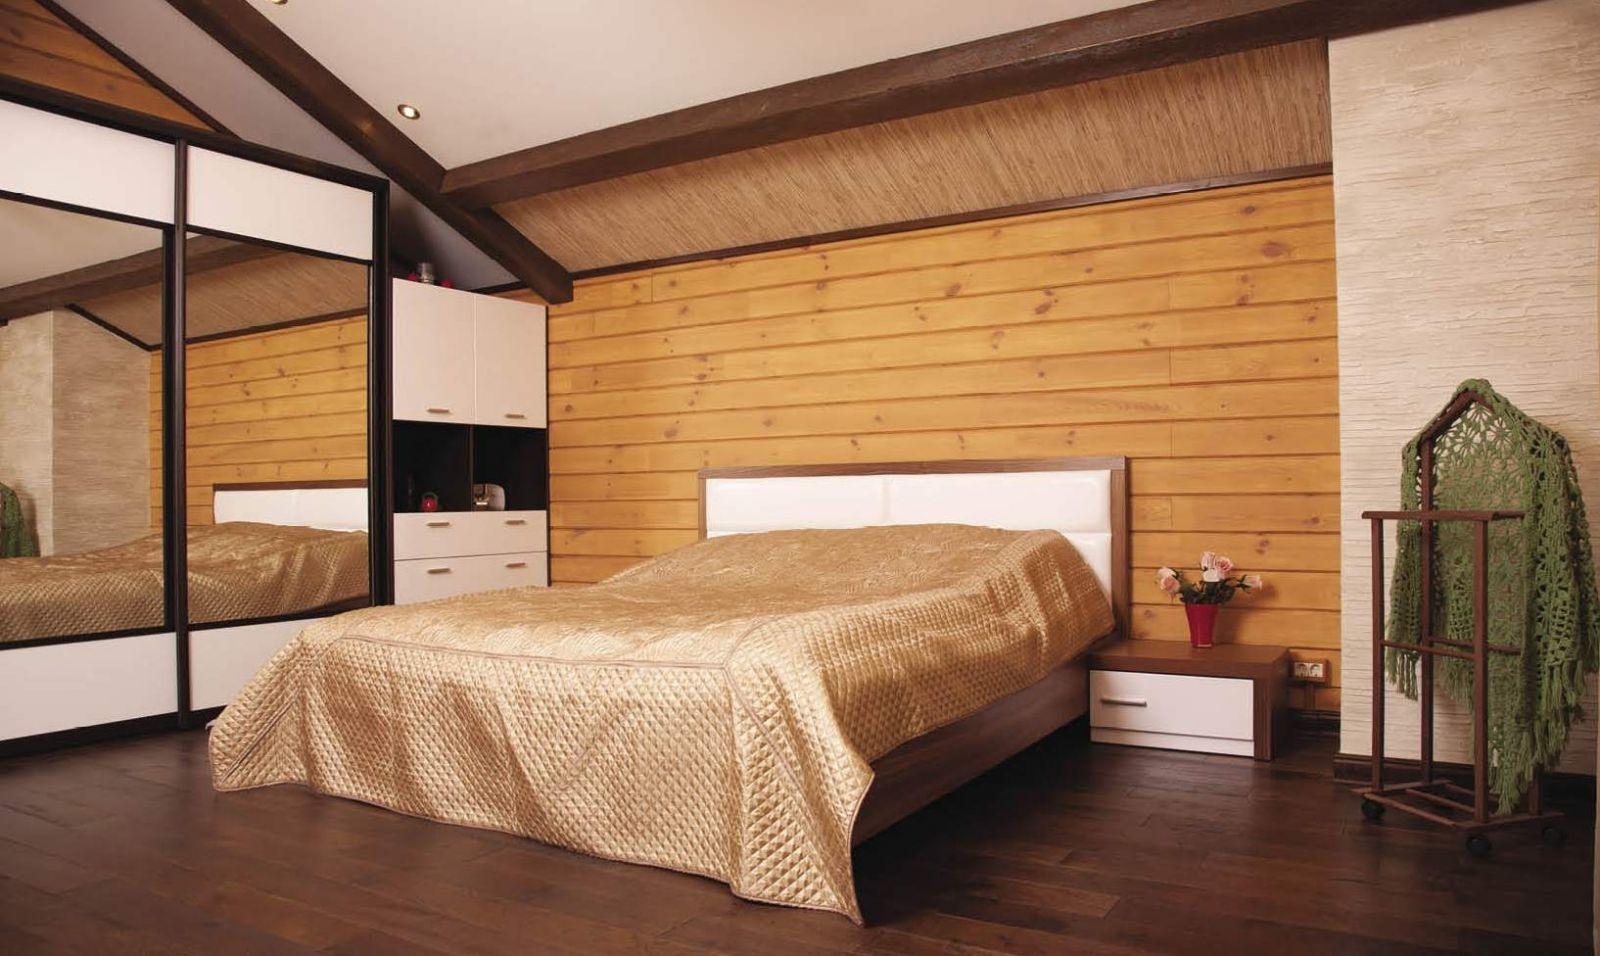 Евровагонка в интерьере спальни